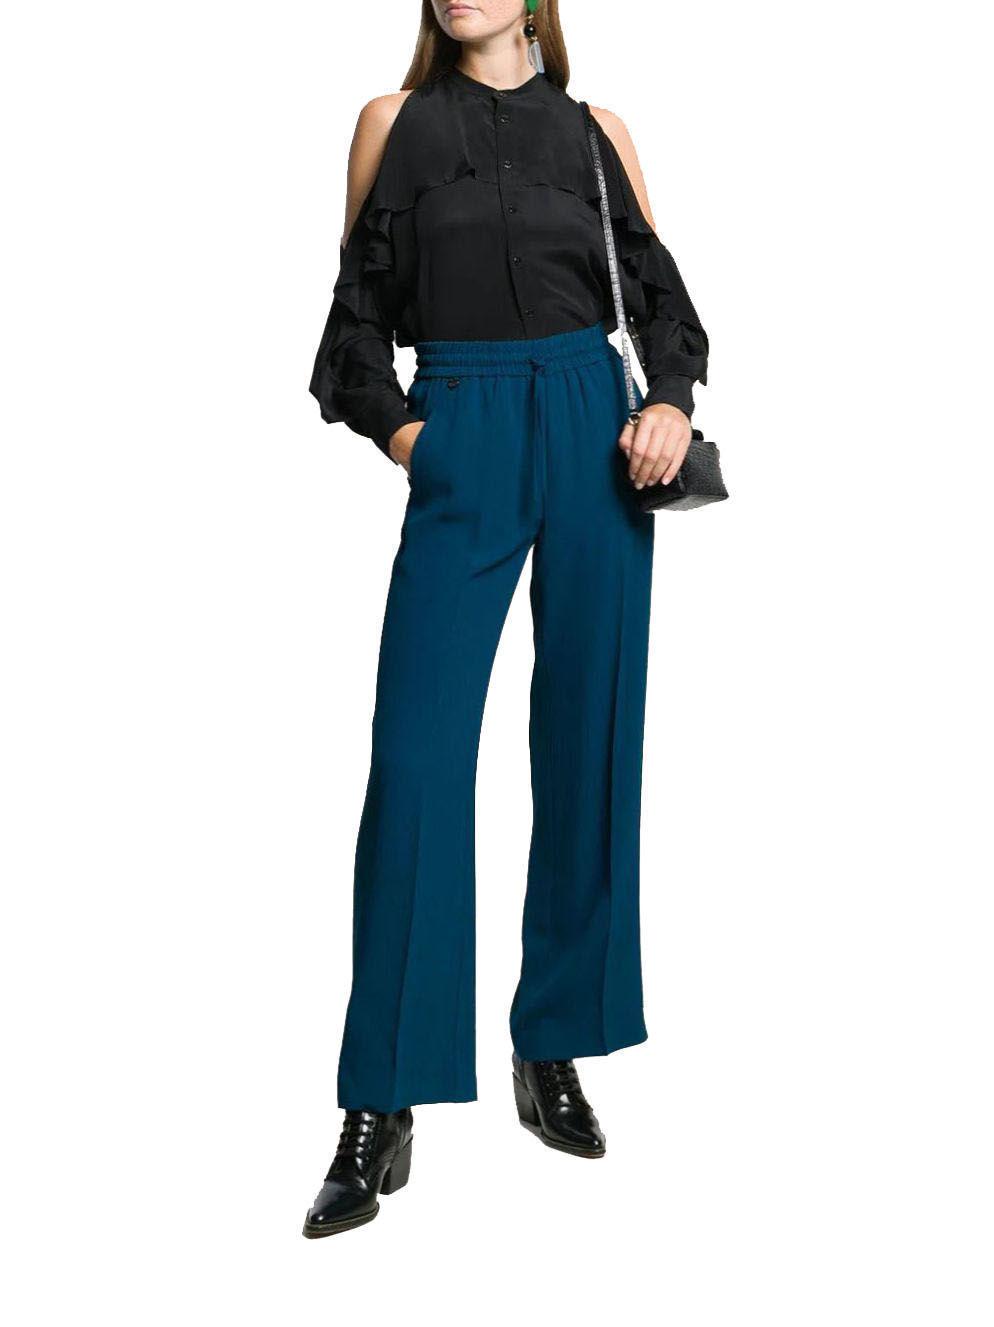 Черная блузка женская, Блузки, Оренбург,  Фото №1